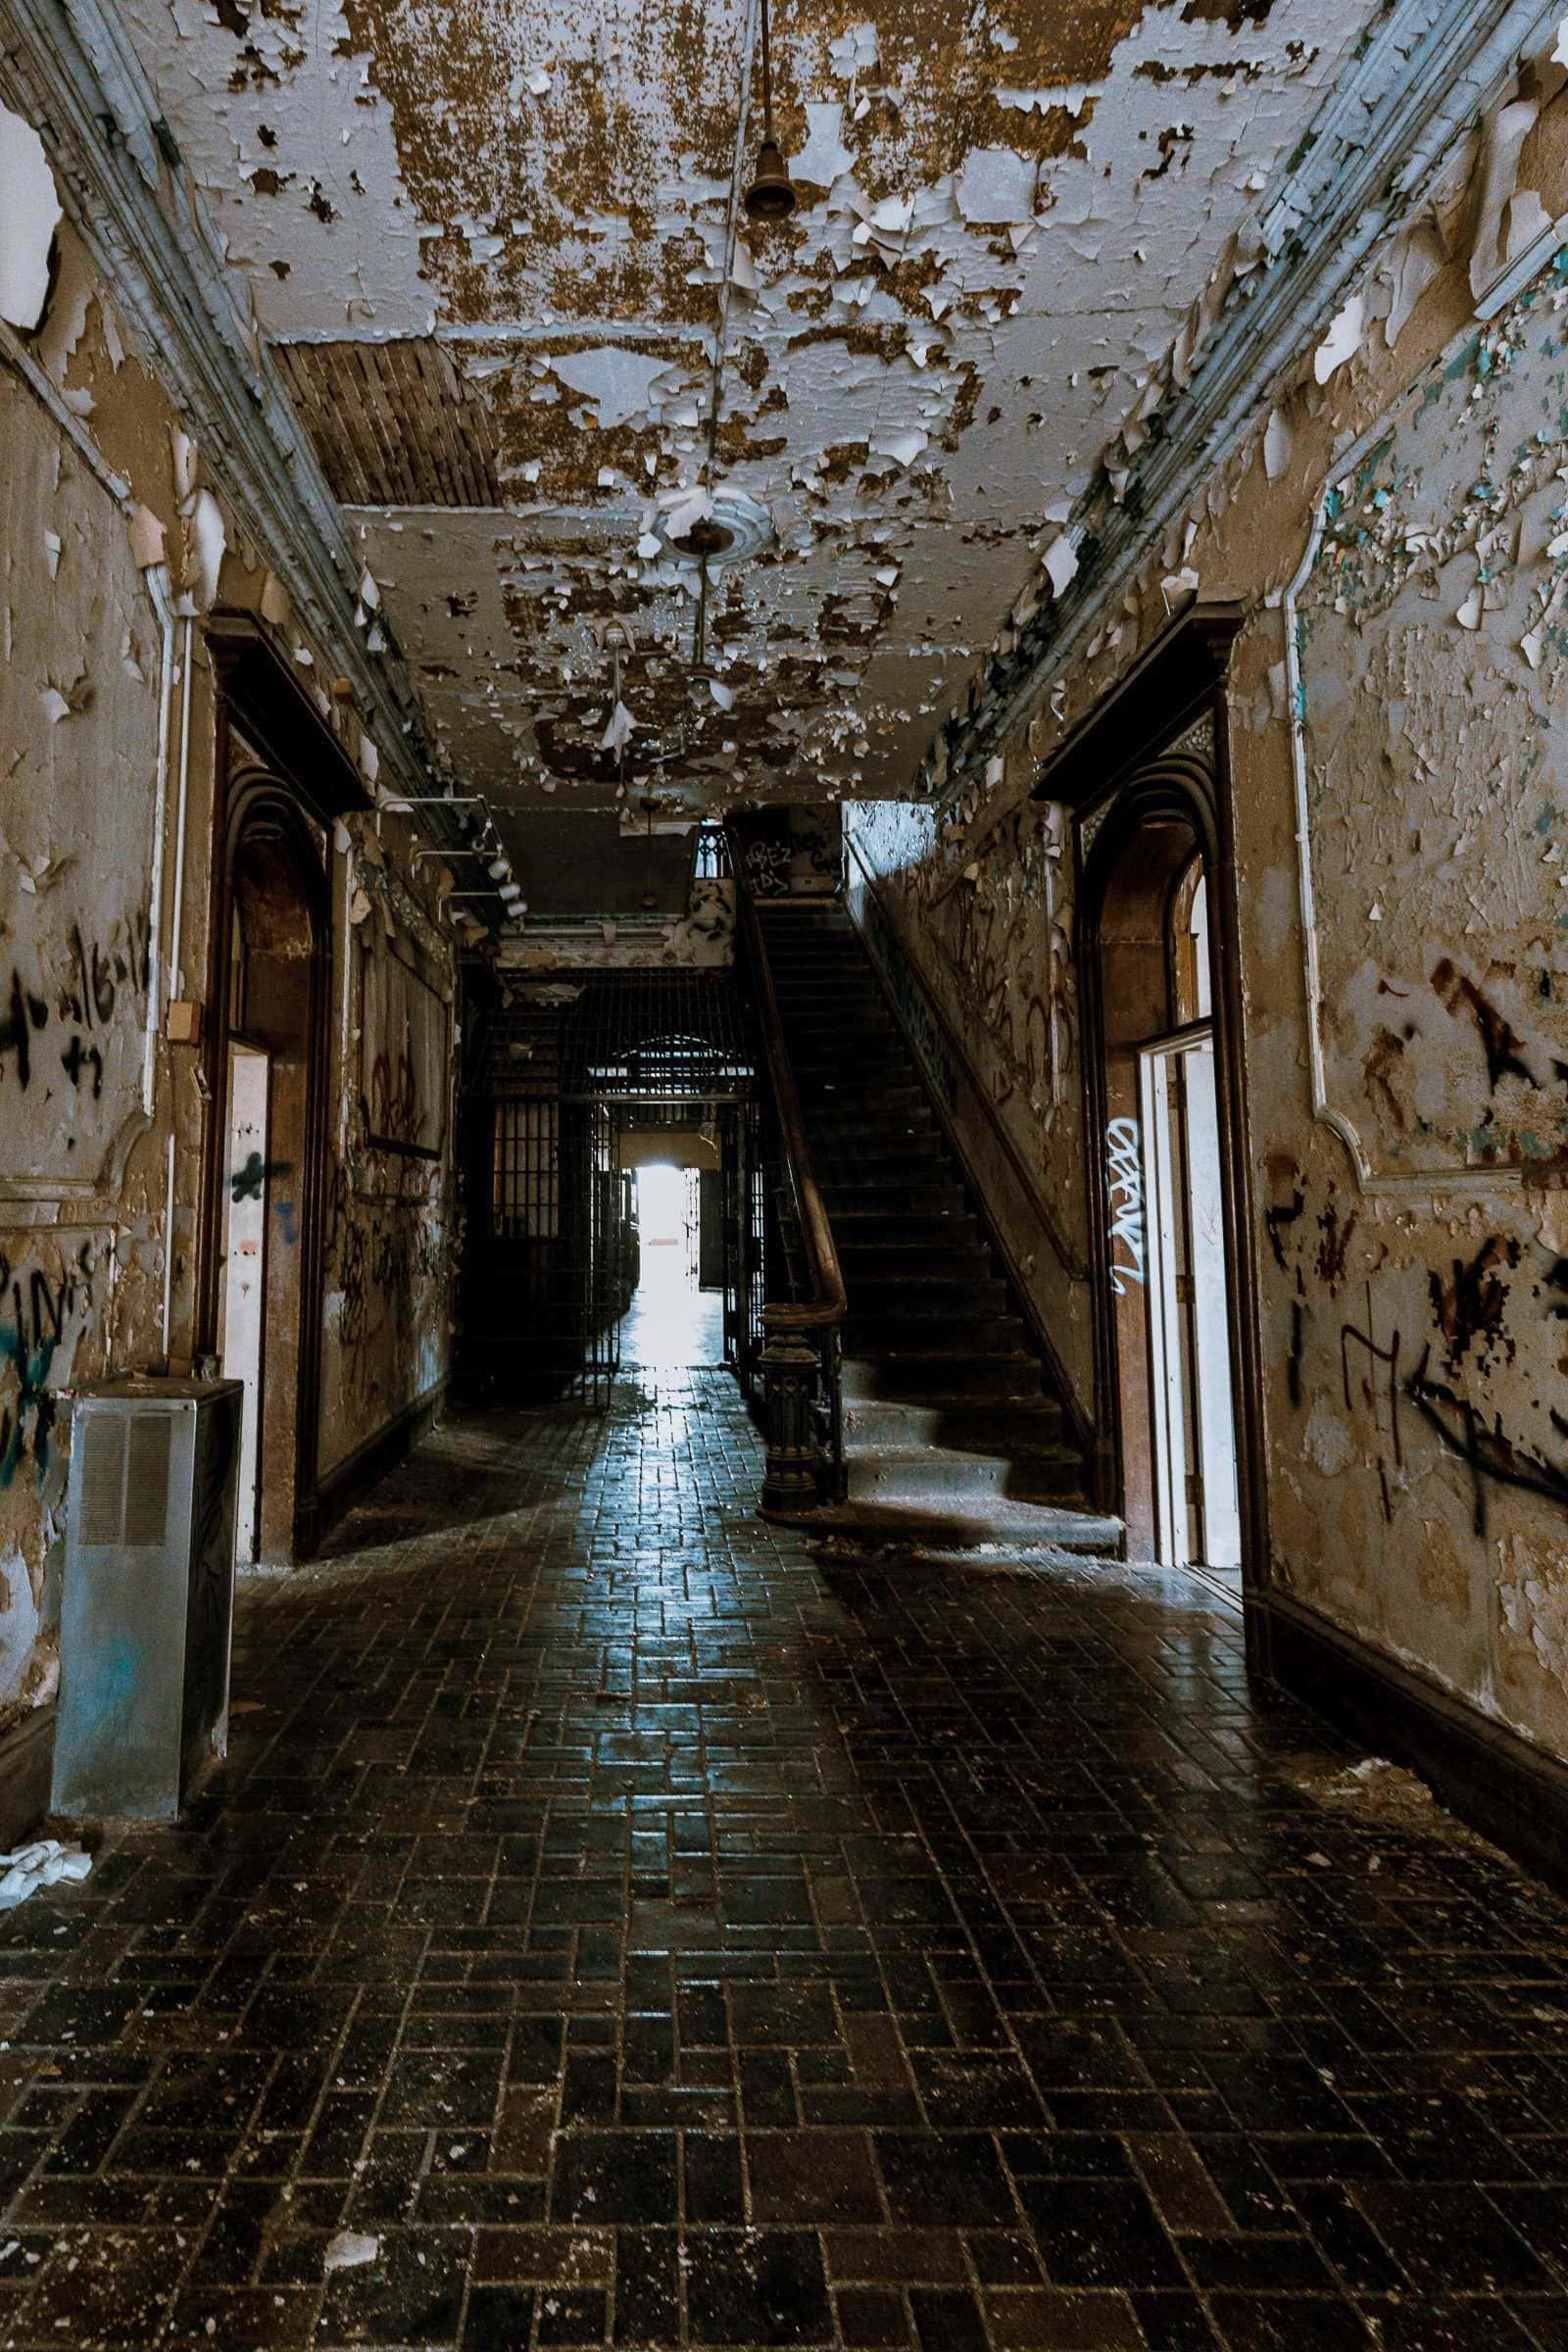 Flur in verlassenem Gebäude in Illinois